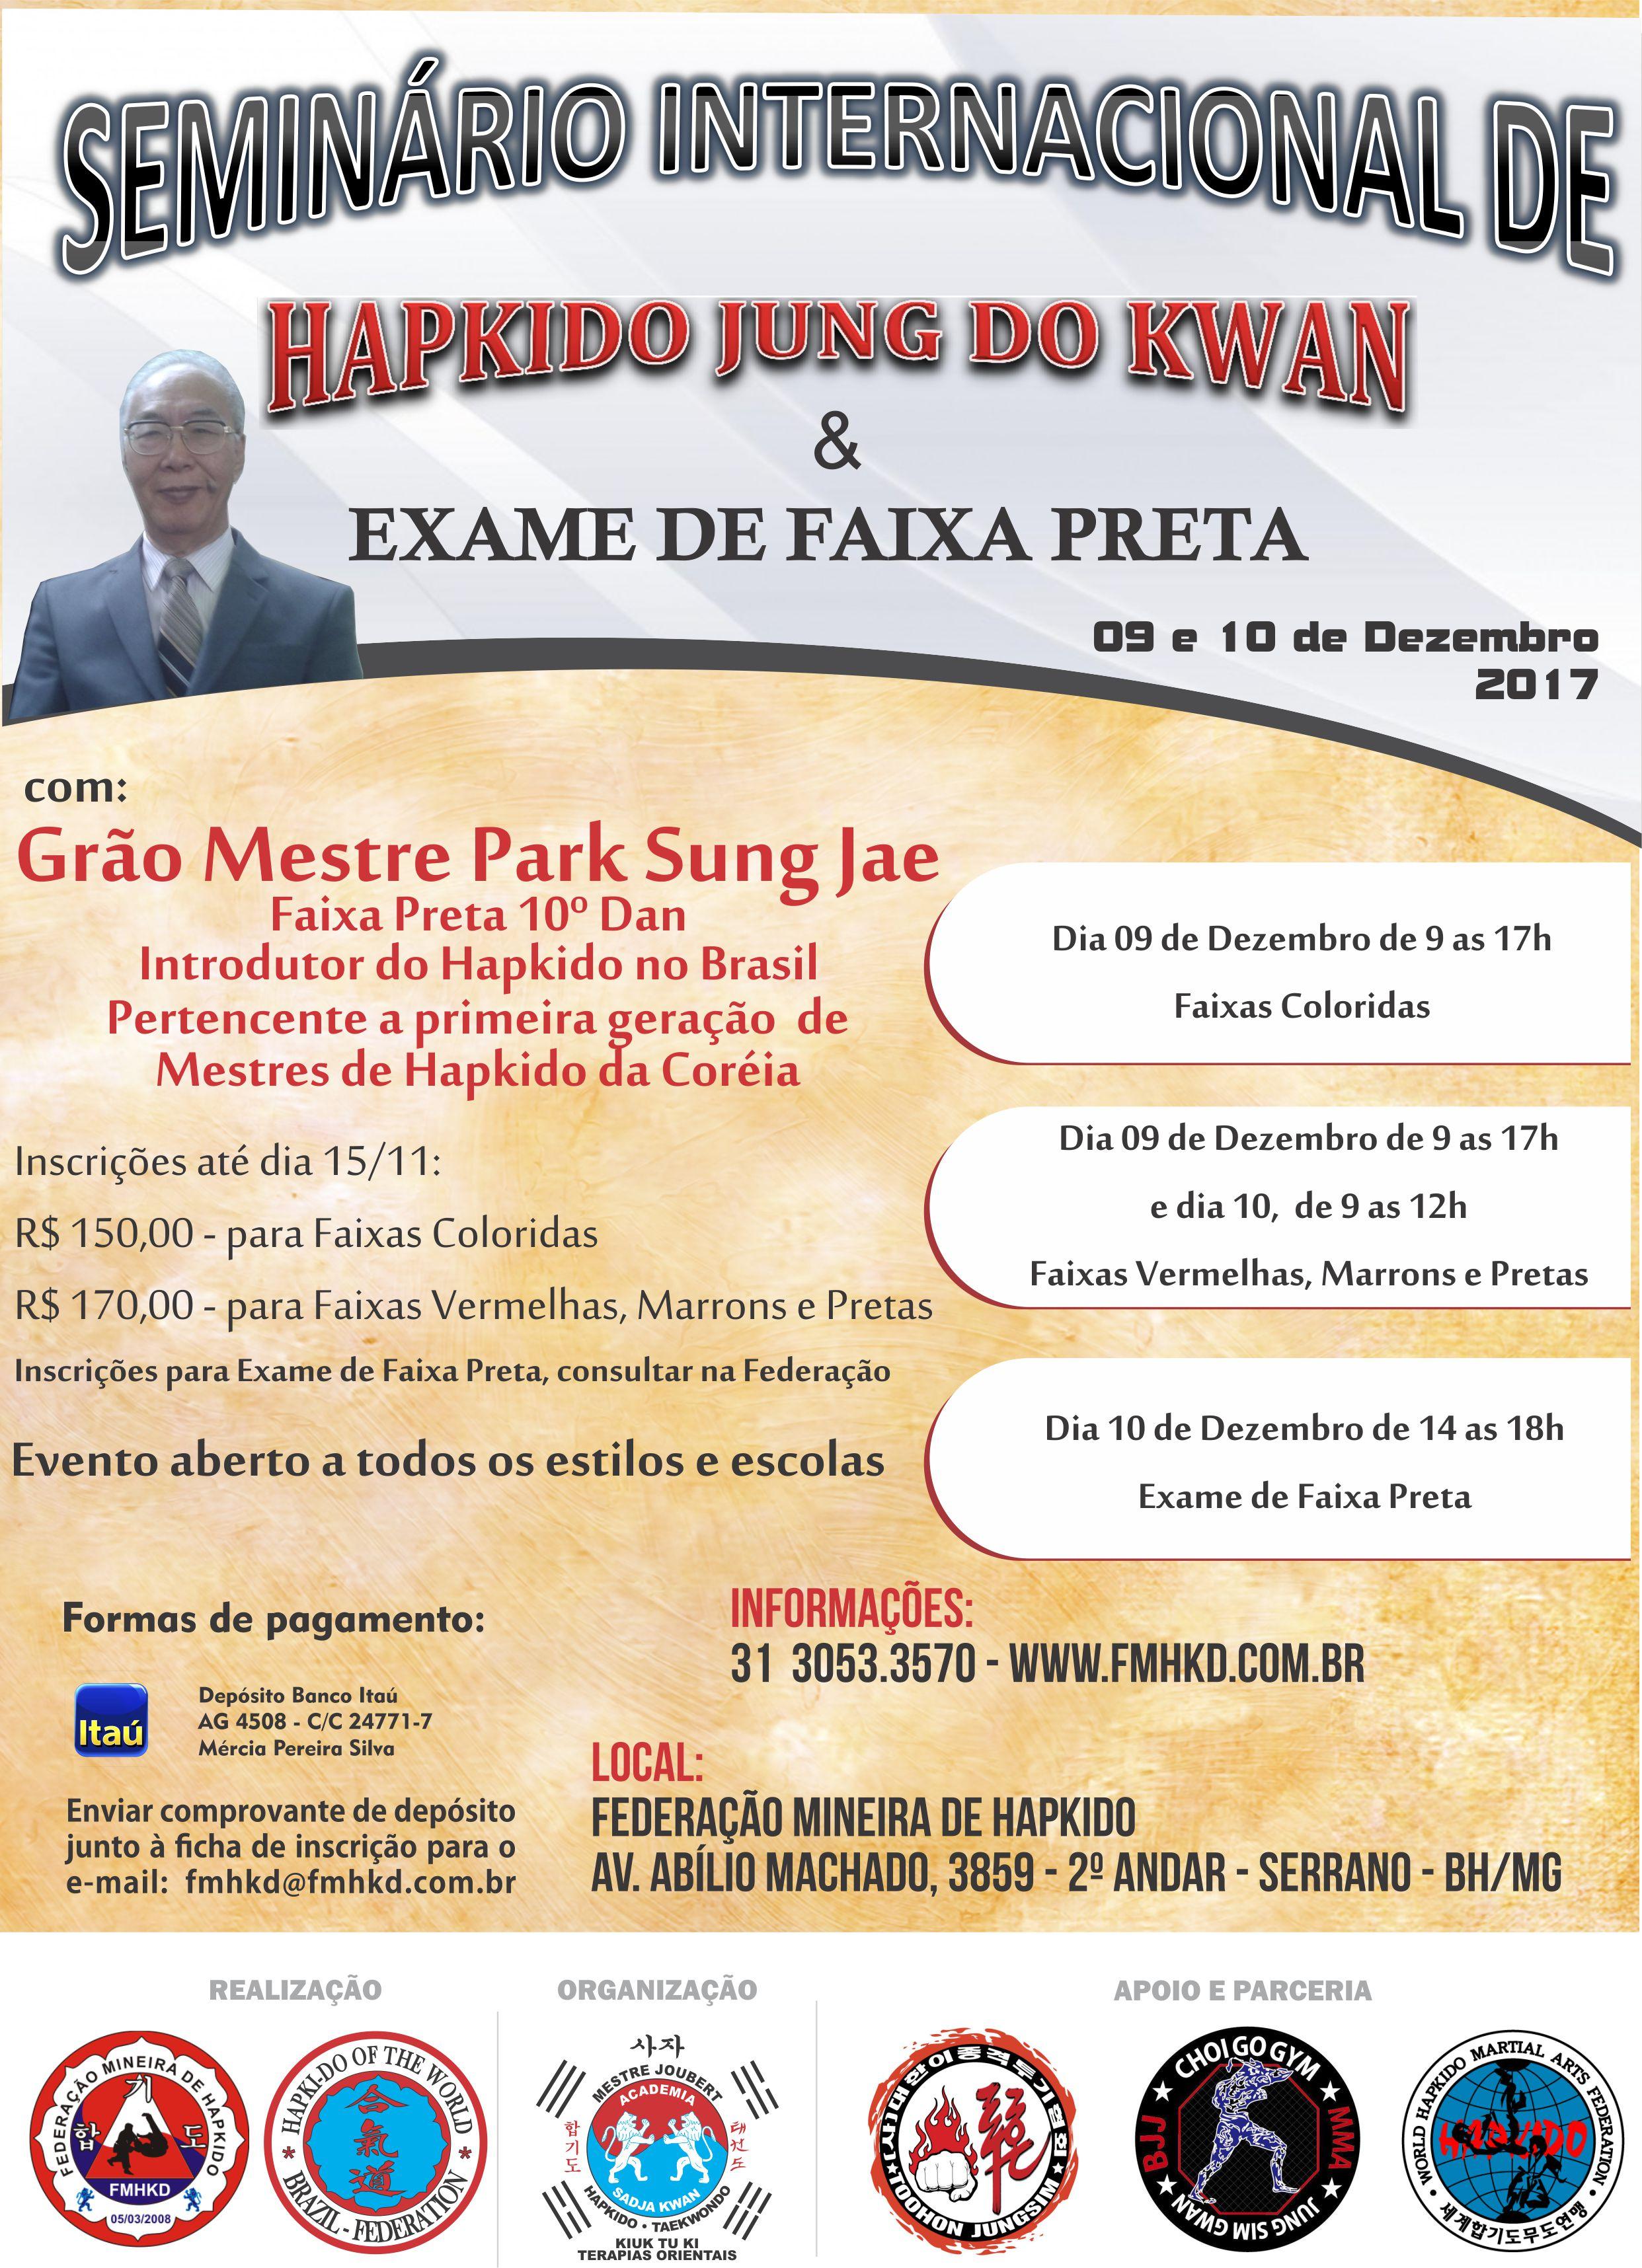 SEMINÁRIO INTERNACIONAL DE HAPKIDO JUNG DO KWAN & EXAME DE FAIXA PRETA